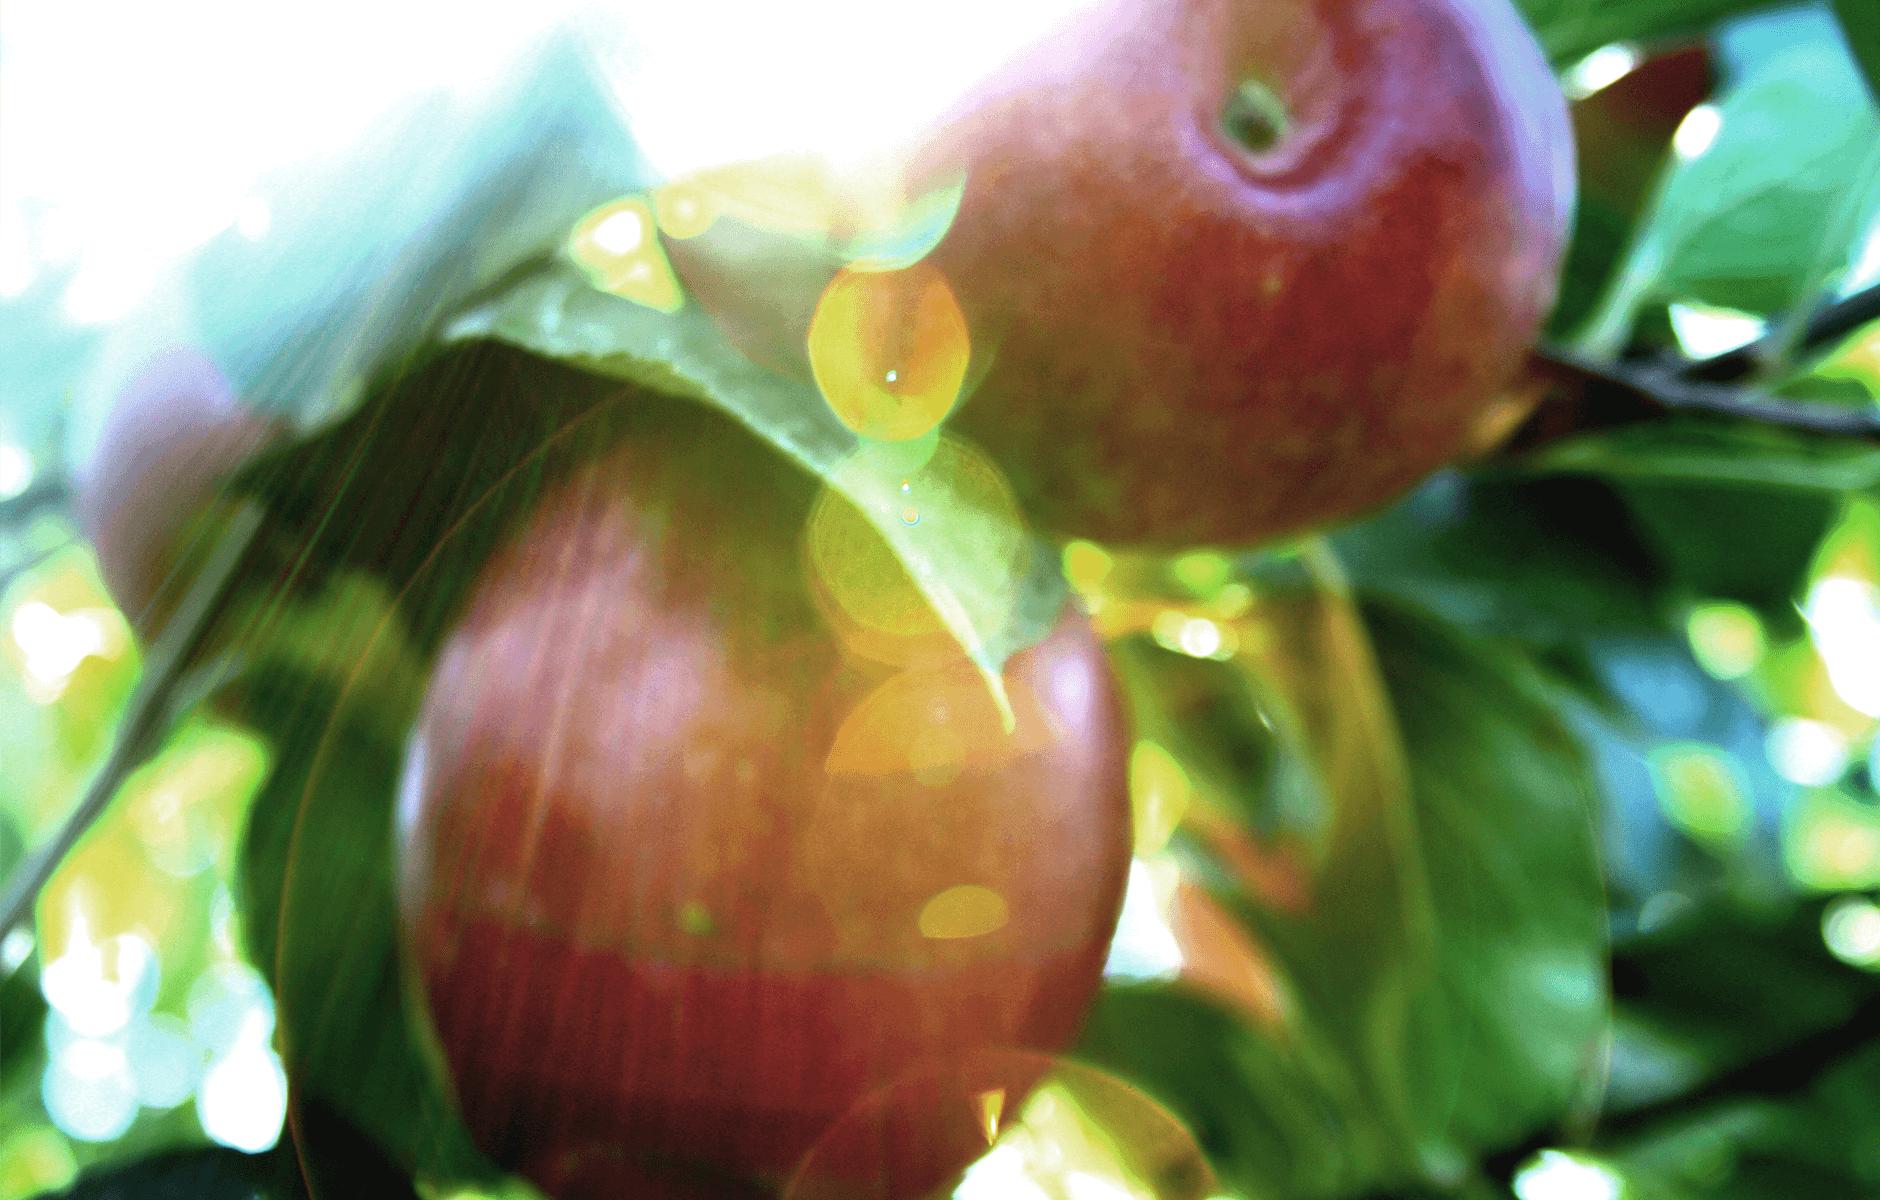 CosmicCrisp-Tree_Apple-4.png